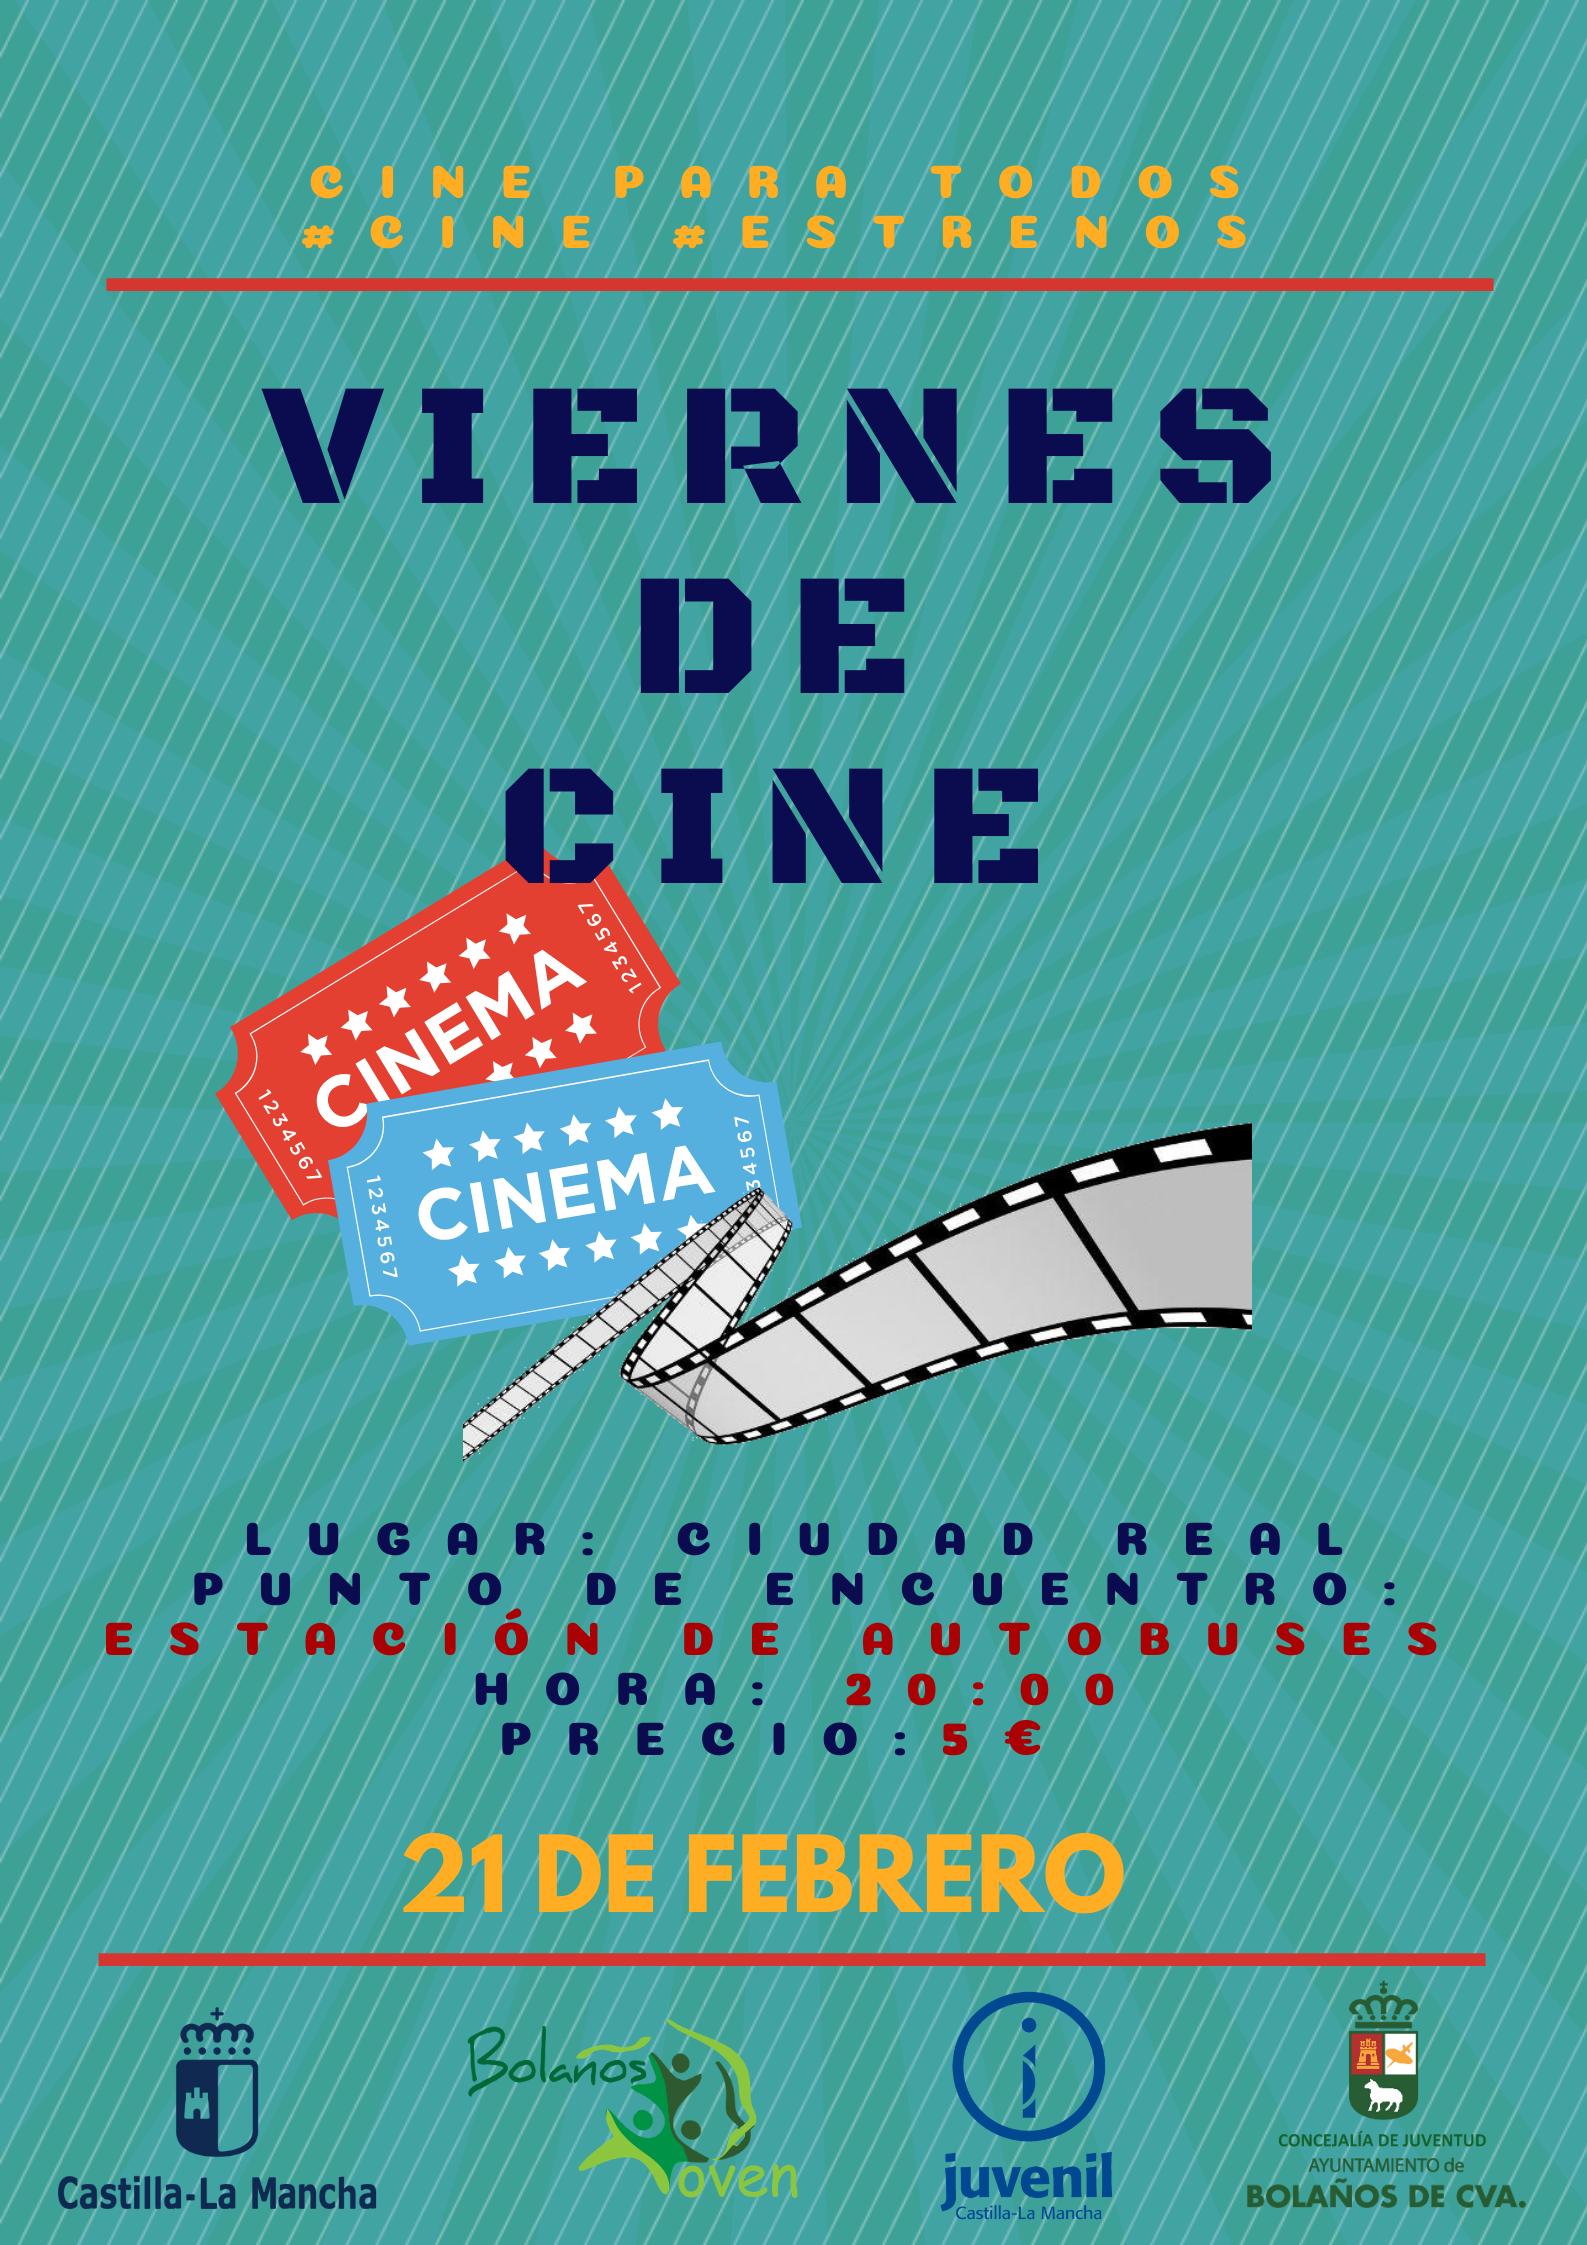 VIERNES DE CINE